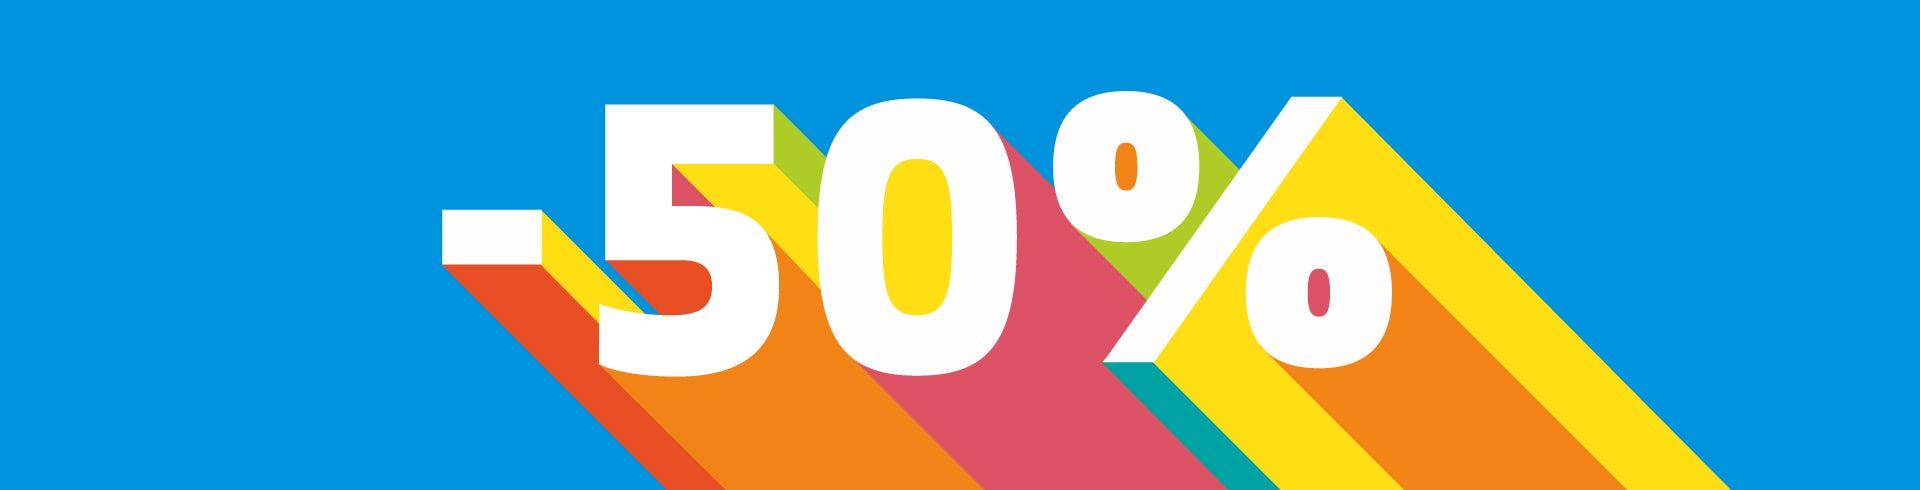 SALE -50%